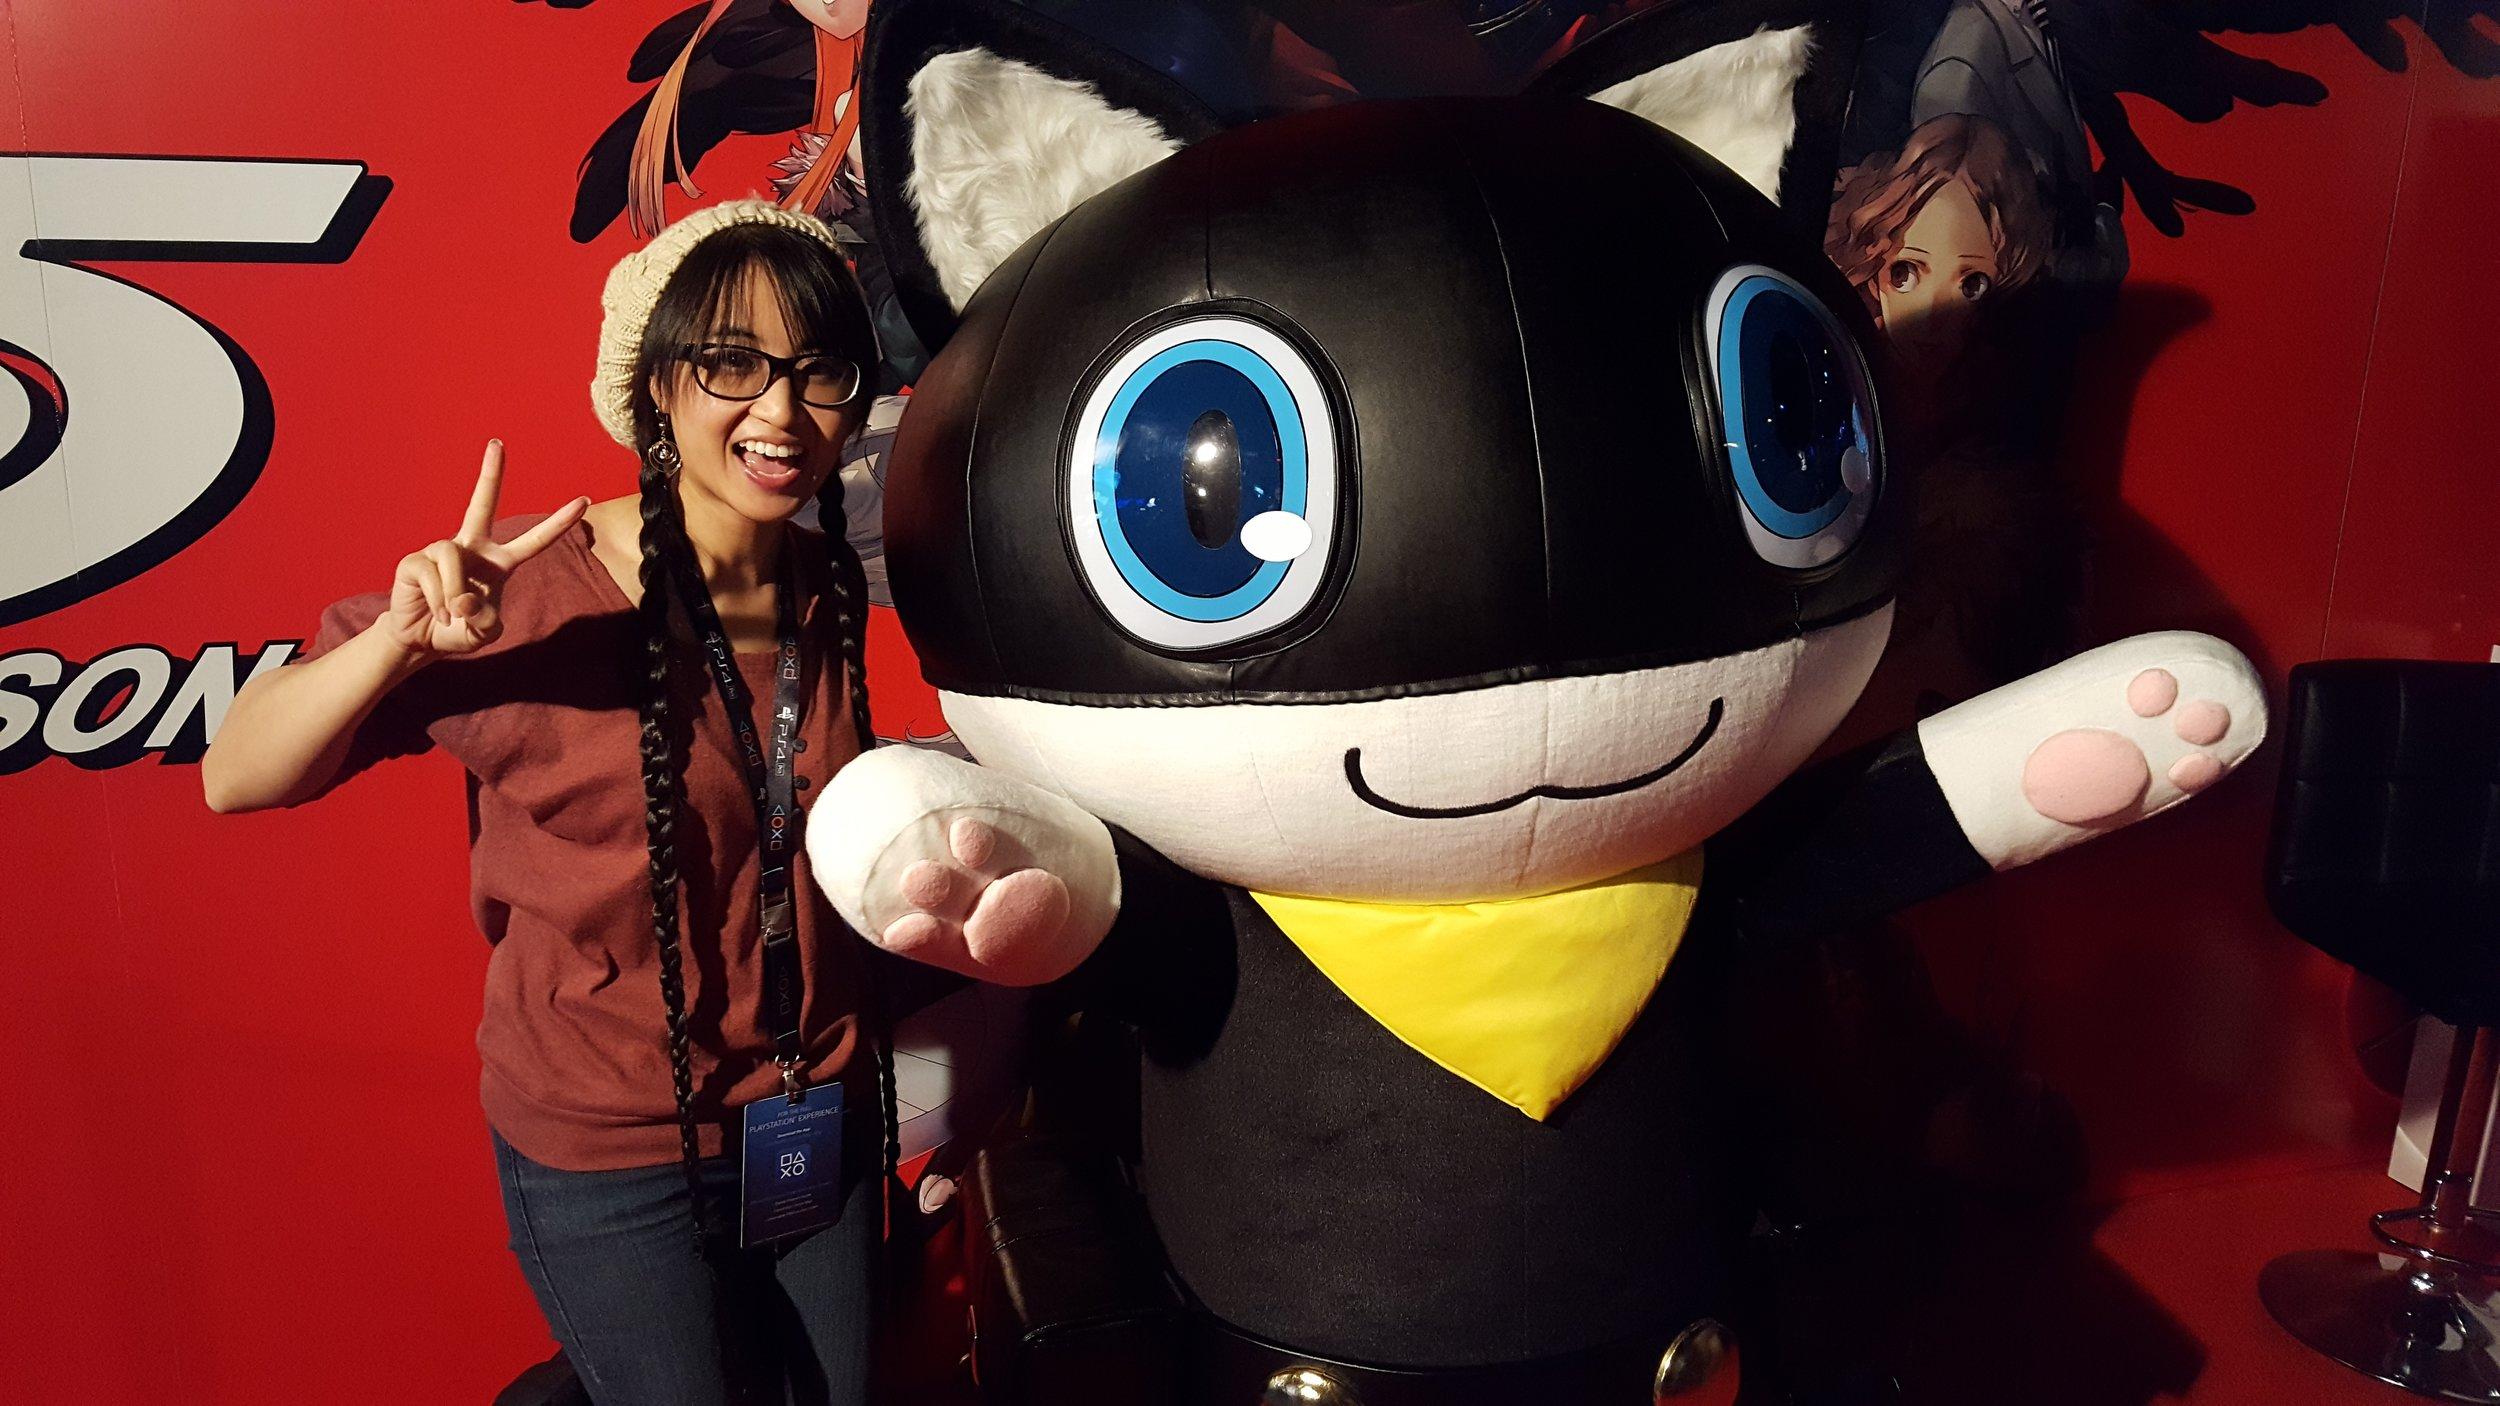 Xanthe_Huynh_Persona_5_Morgana_Mascot